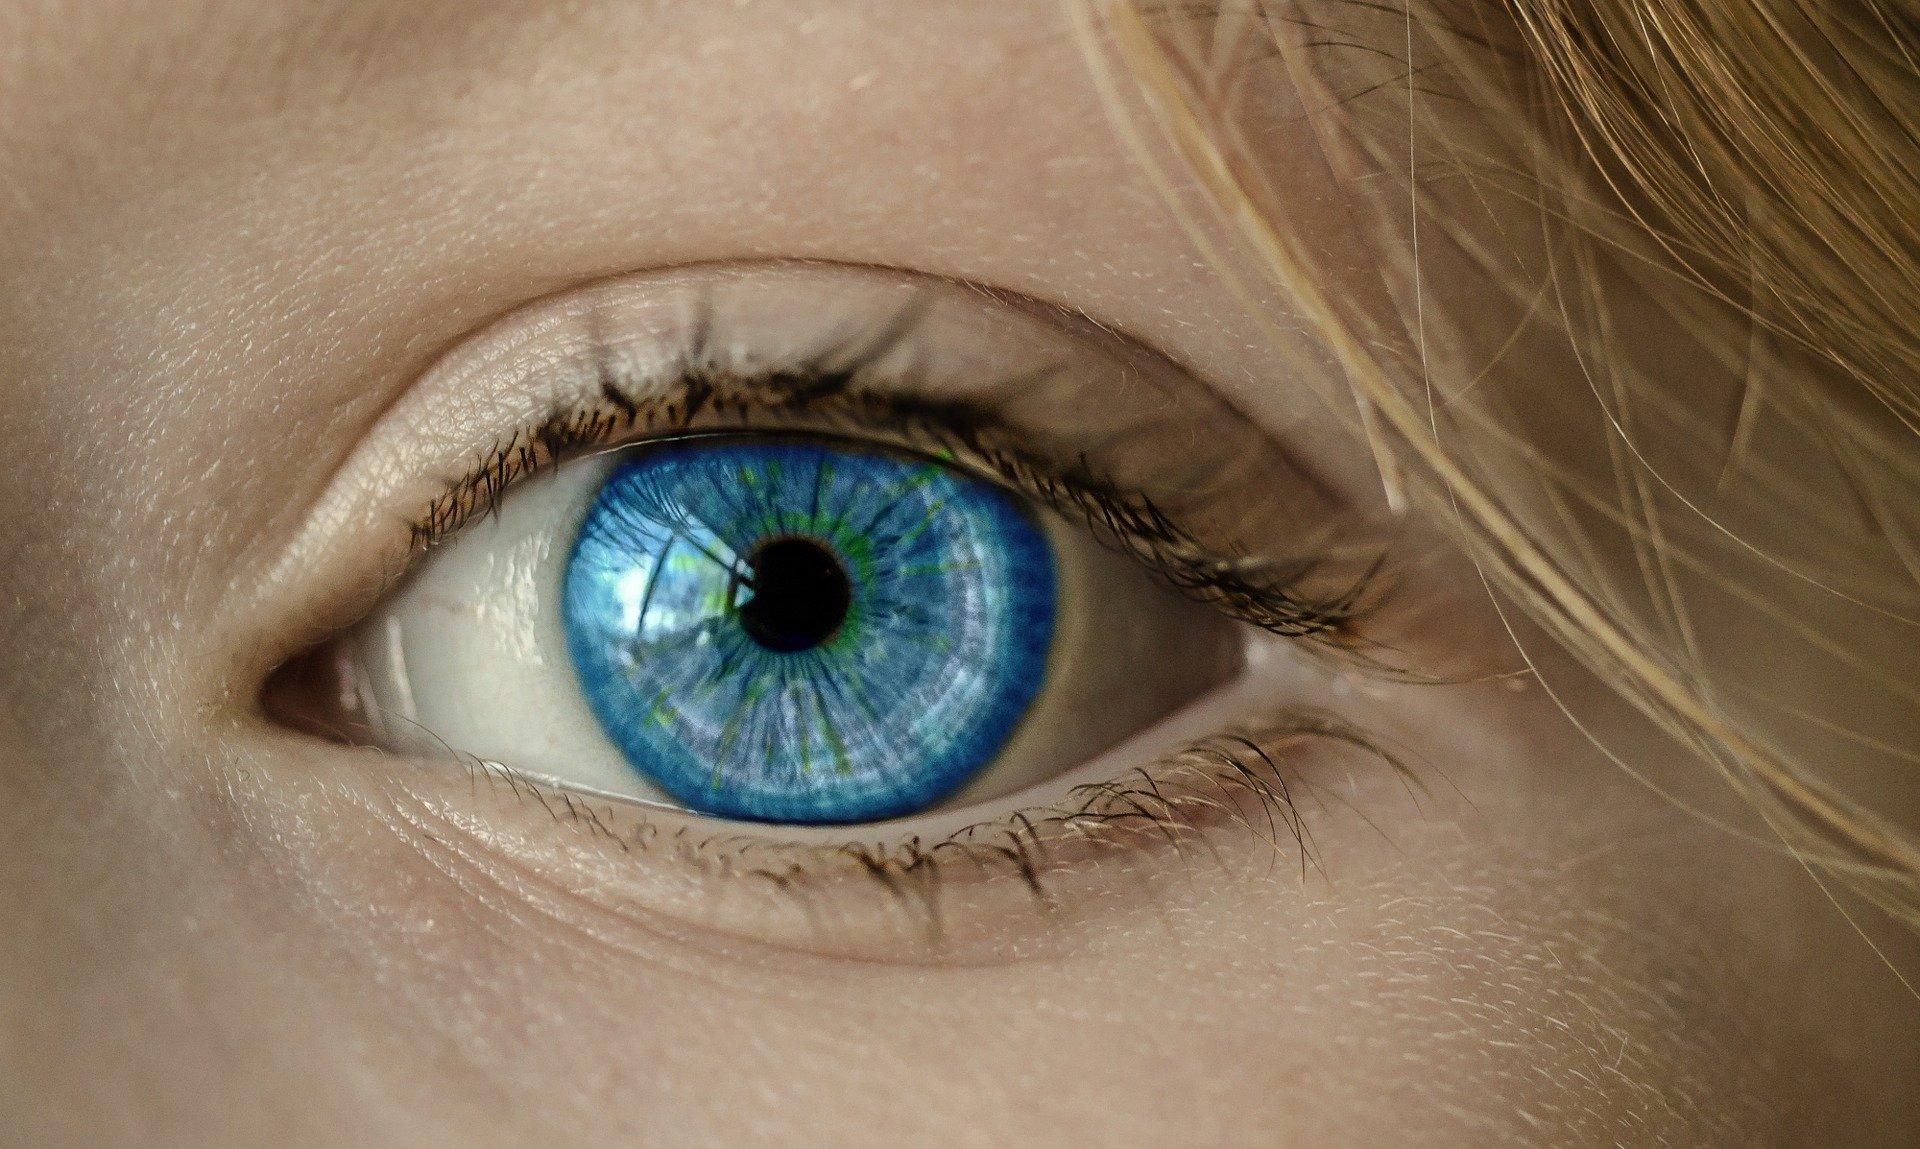 Ochiul uscat, boala omului modern. Recomandările medicului oftalmolog pentru a nu dezvolta sindromul ochiului uscat